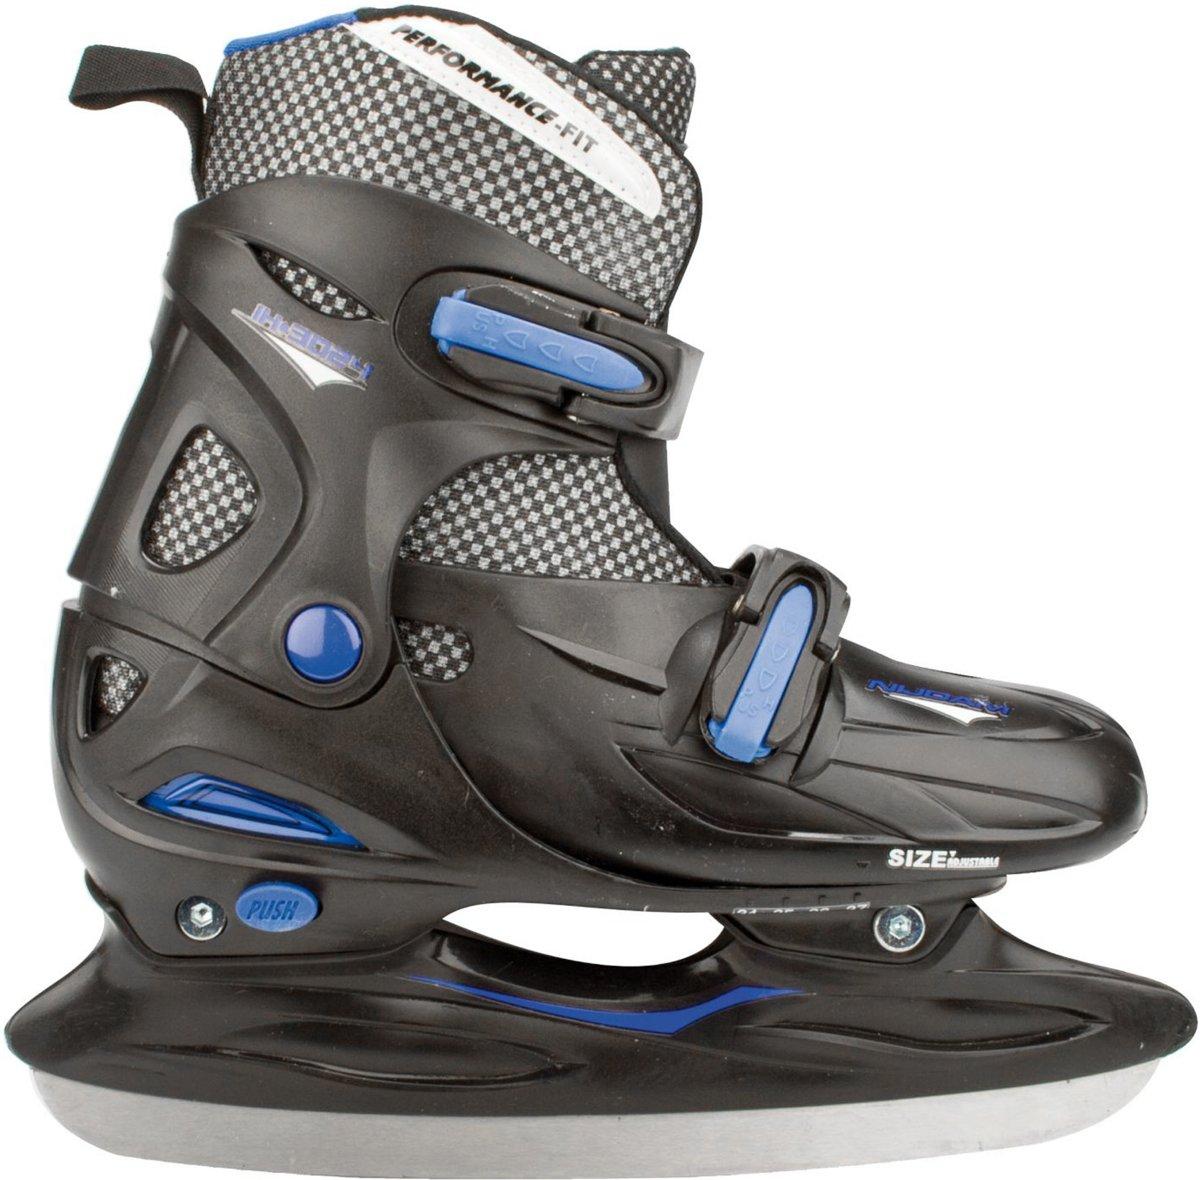 b540050a524 3024 Junior IJshockeyschaats - Verstelbaar - Hardboot Grijs/Blauw